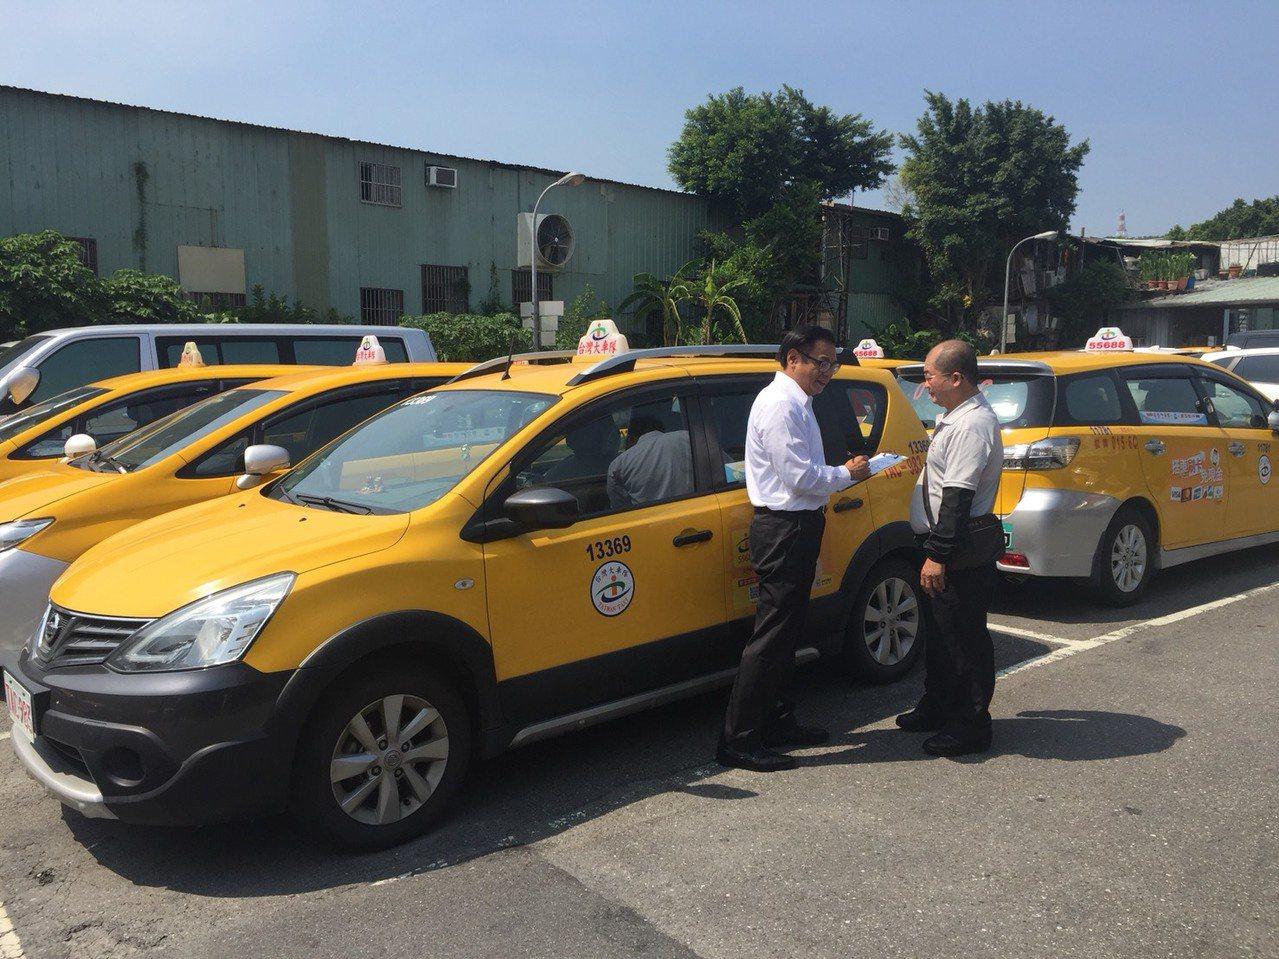 凱基銀行設專人在車隊駐點提供金融諮詢服務,提供運將快速便利的服務。照片/凱基銀行...